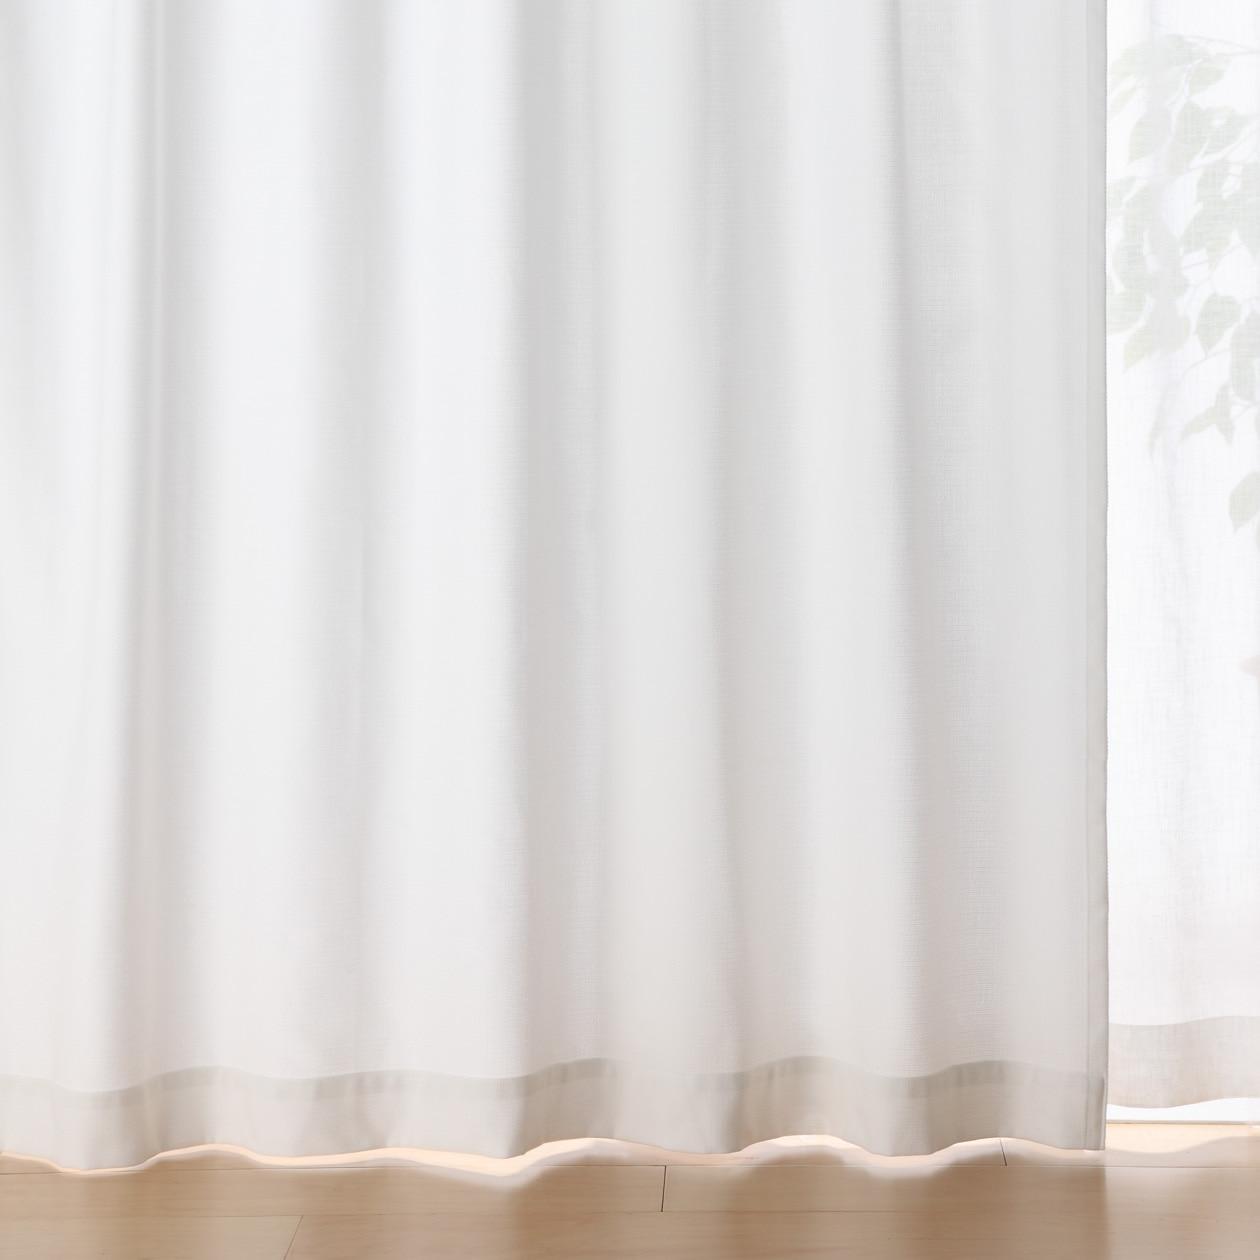 ポリエステル綿変り織プリーツカーテン/オフ白